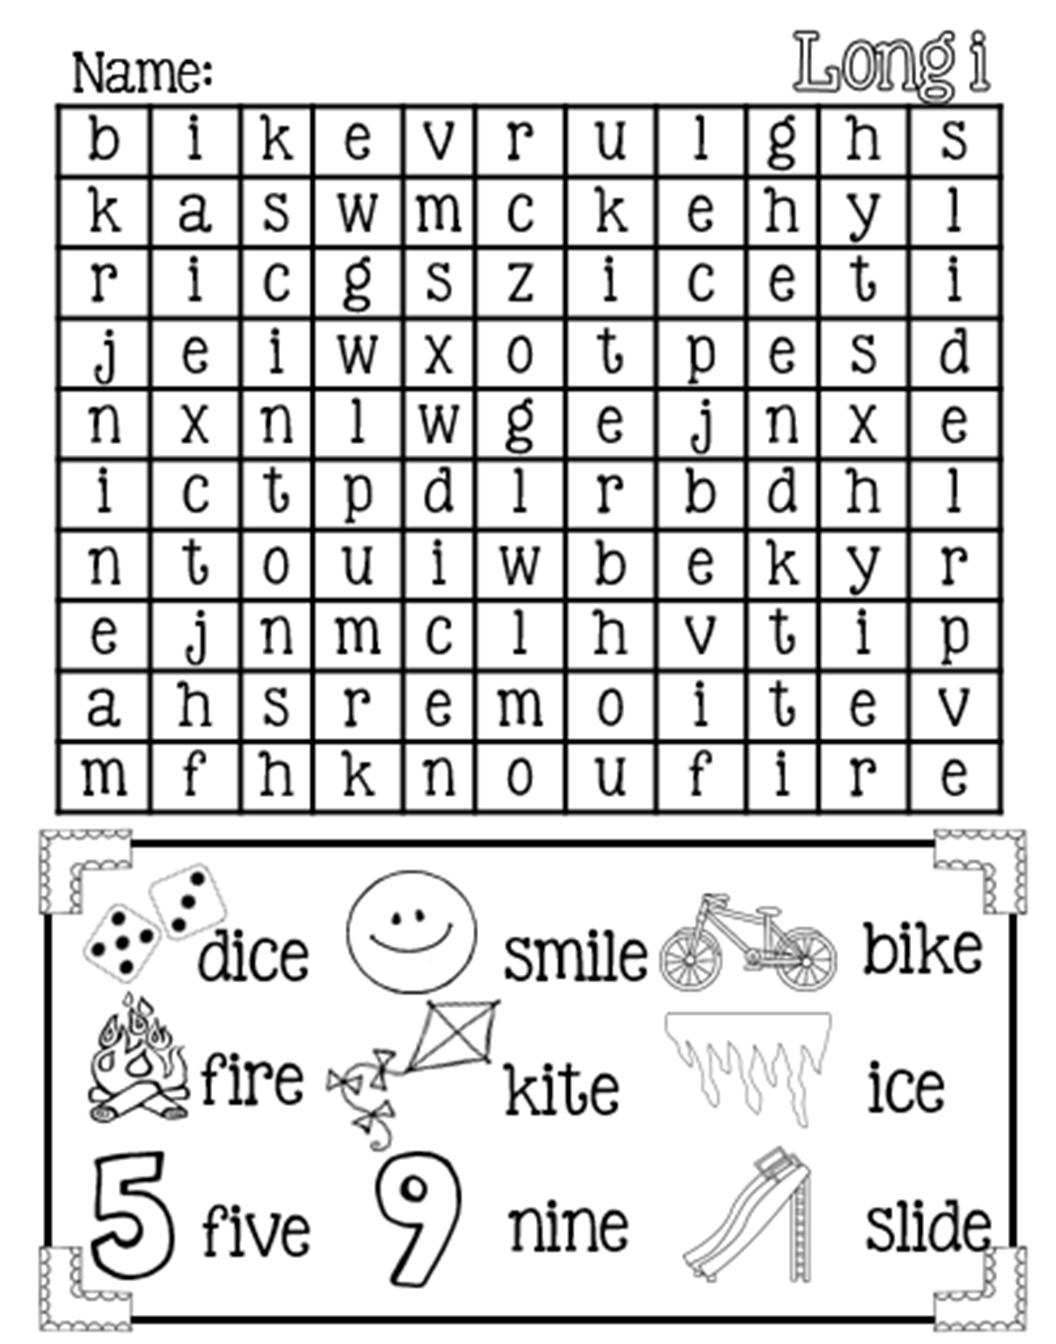 medium resolution of Magic E Long I Word Search {FREE}   Magic e